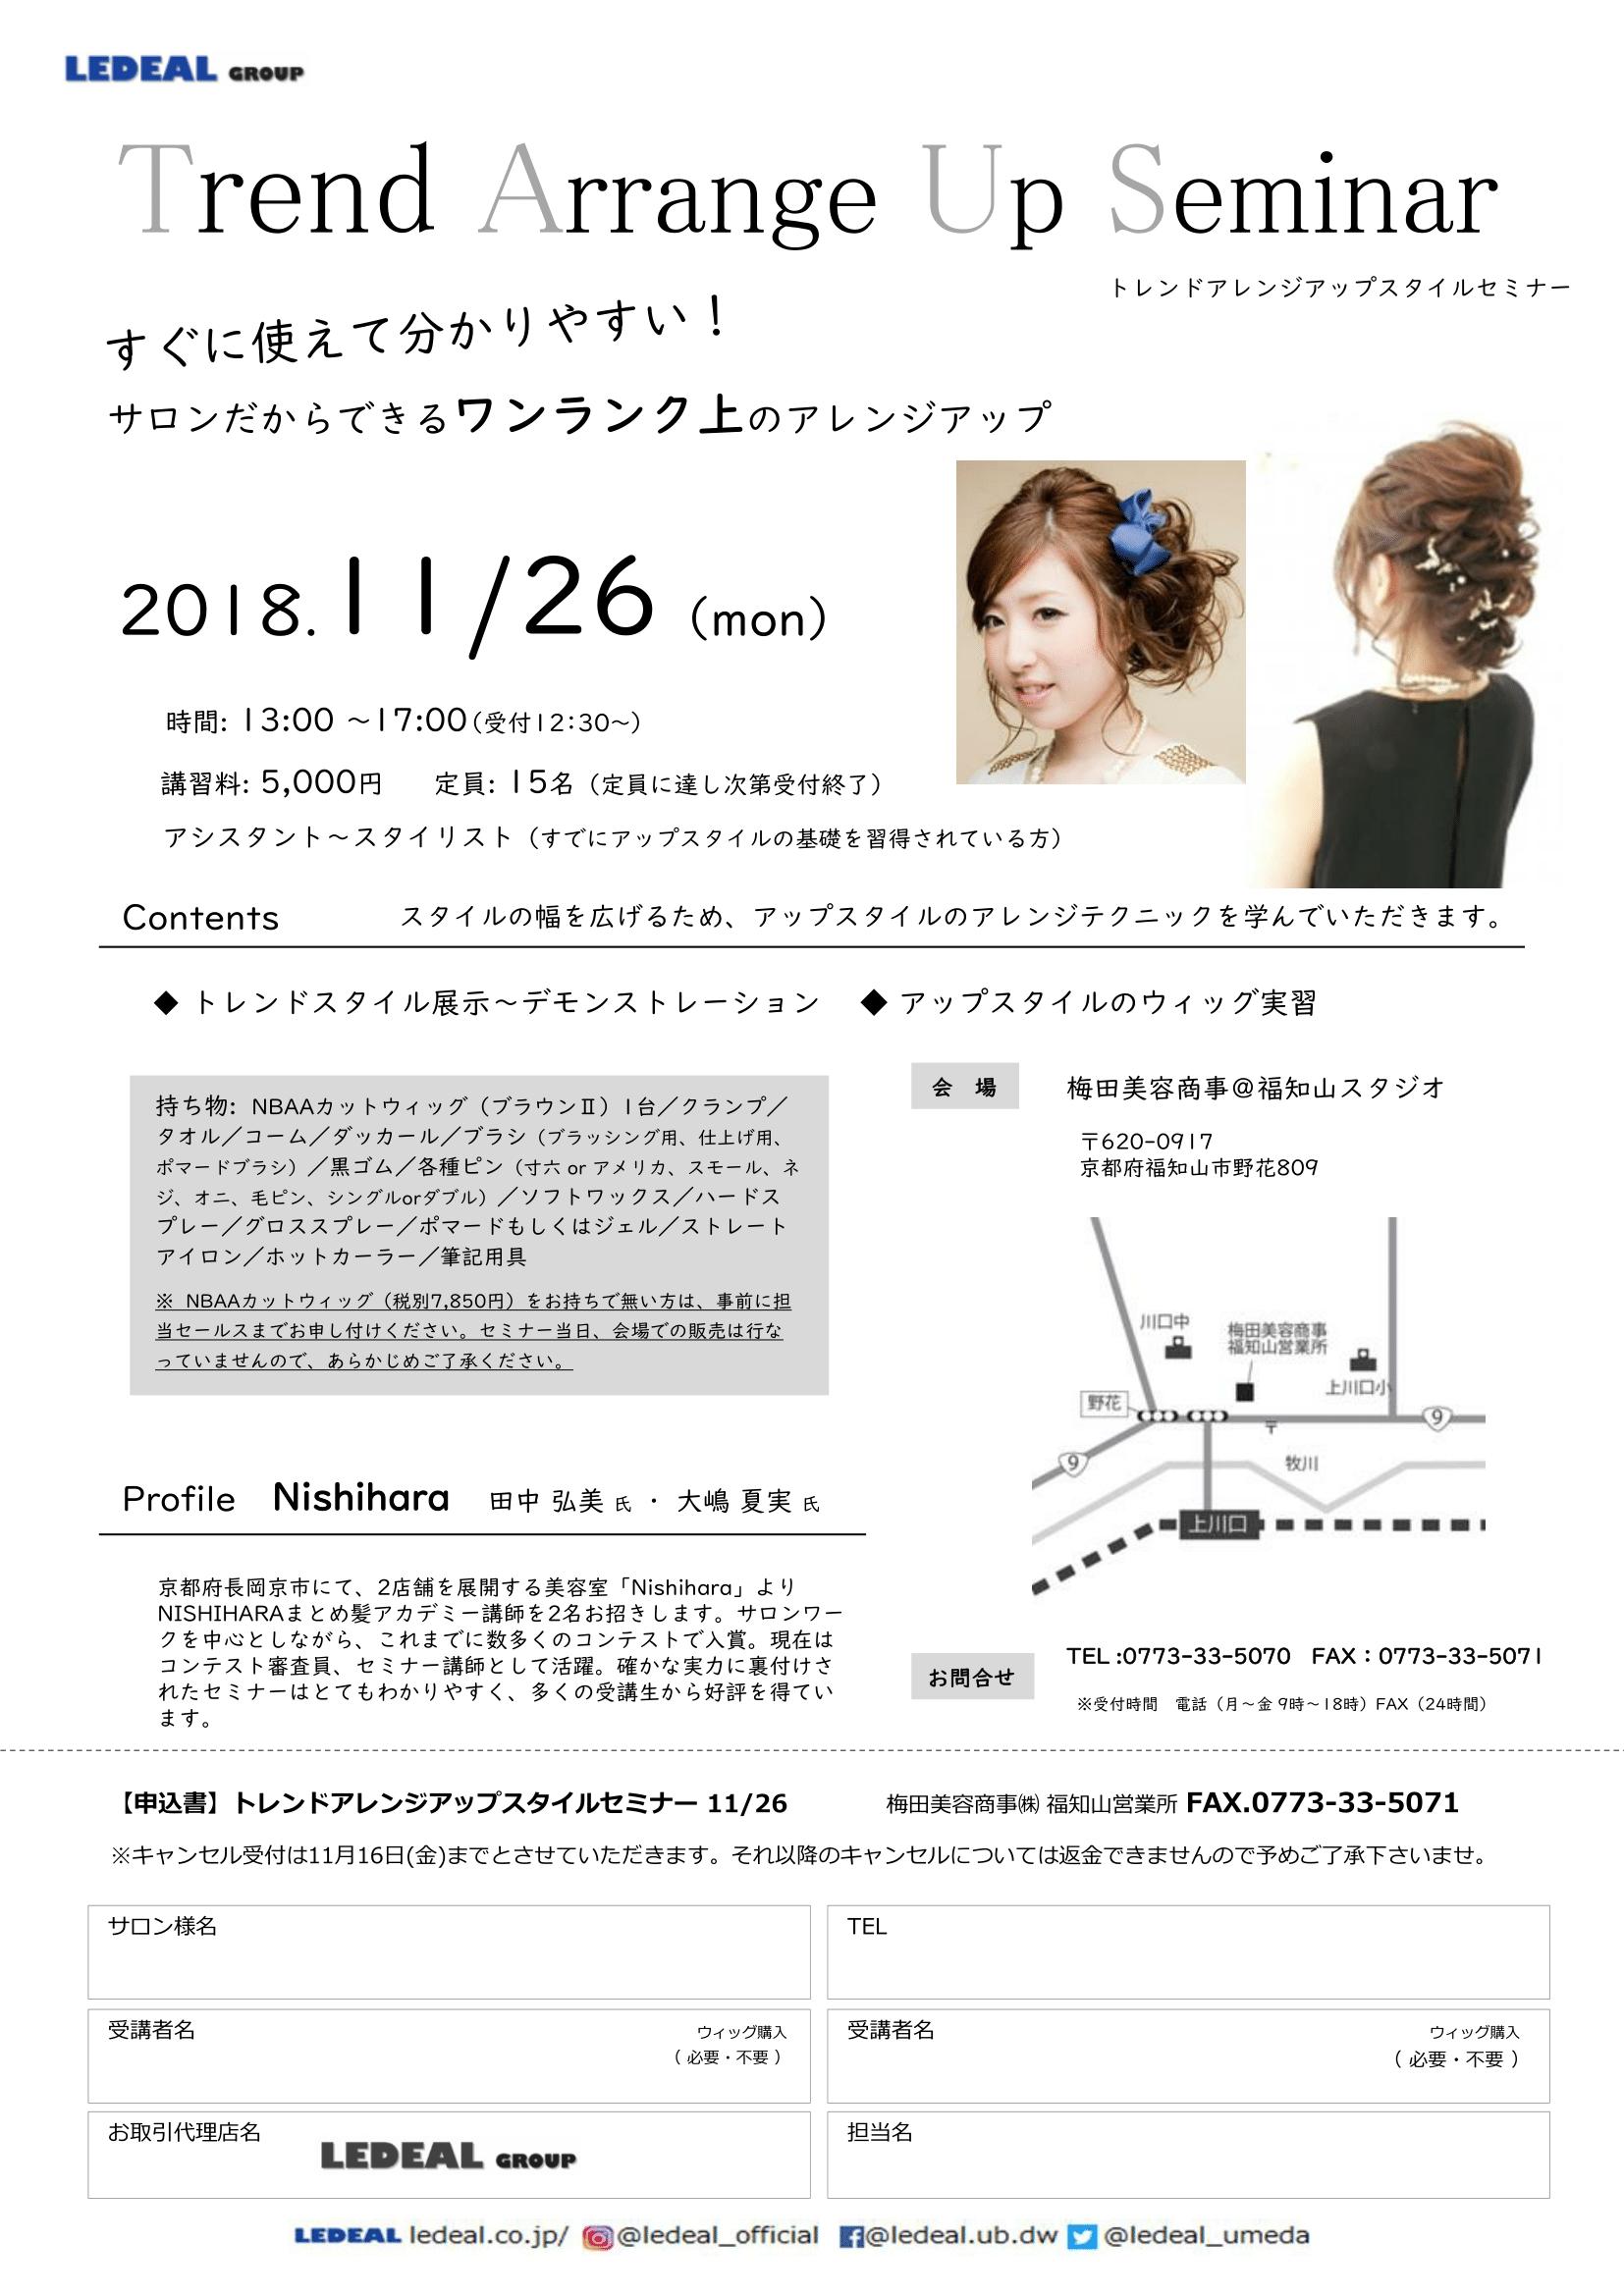 【福知山】トレンドアップスタイルアレンジセミナー